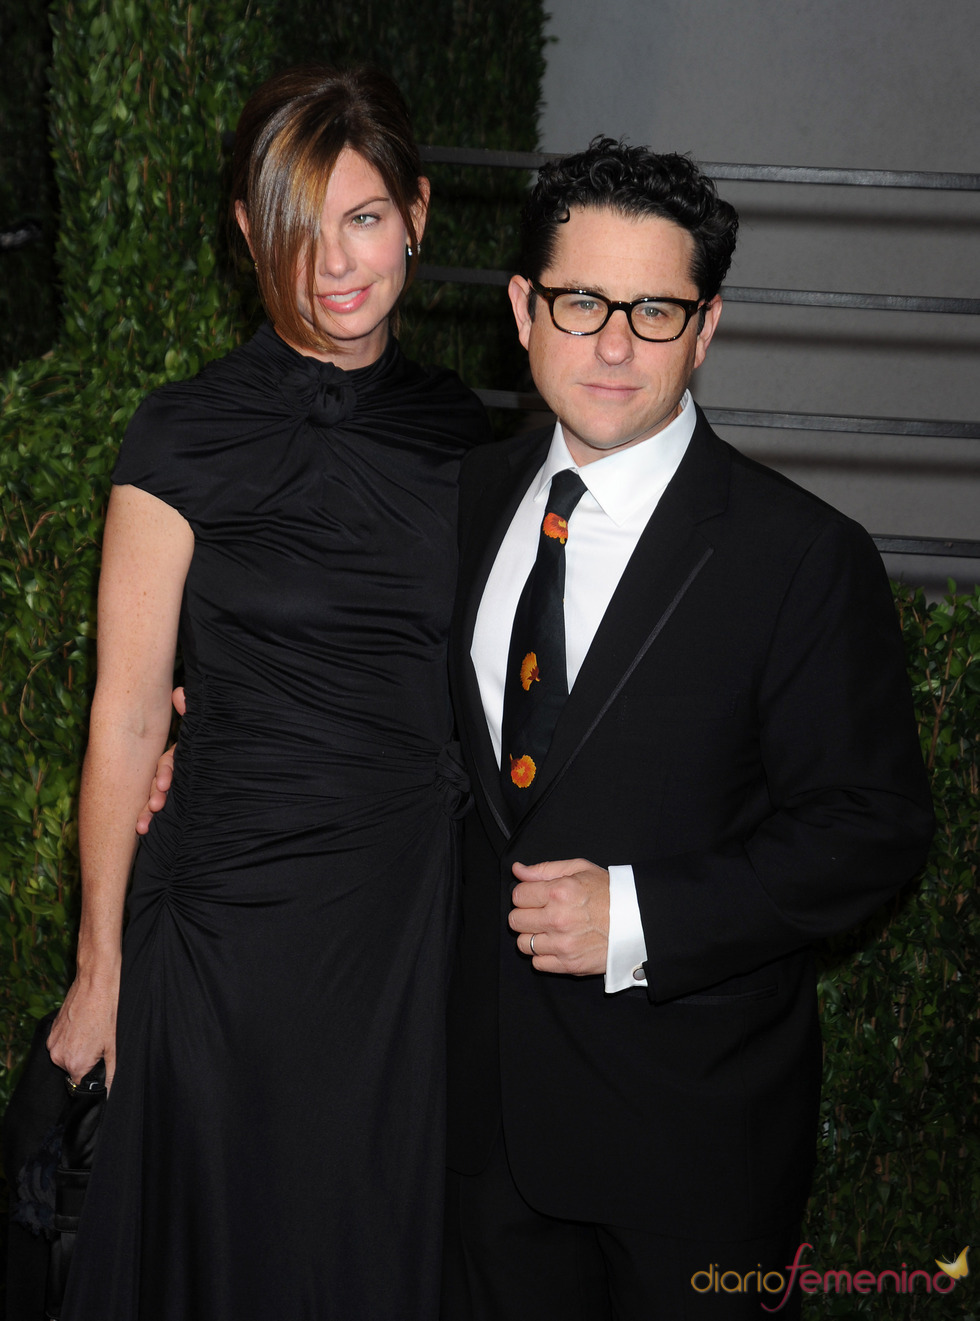 J.J. Abrams y su mujer en la fiesta Vanity Fair Oscar 2010